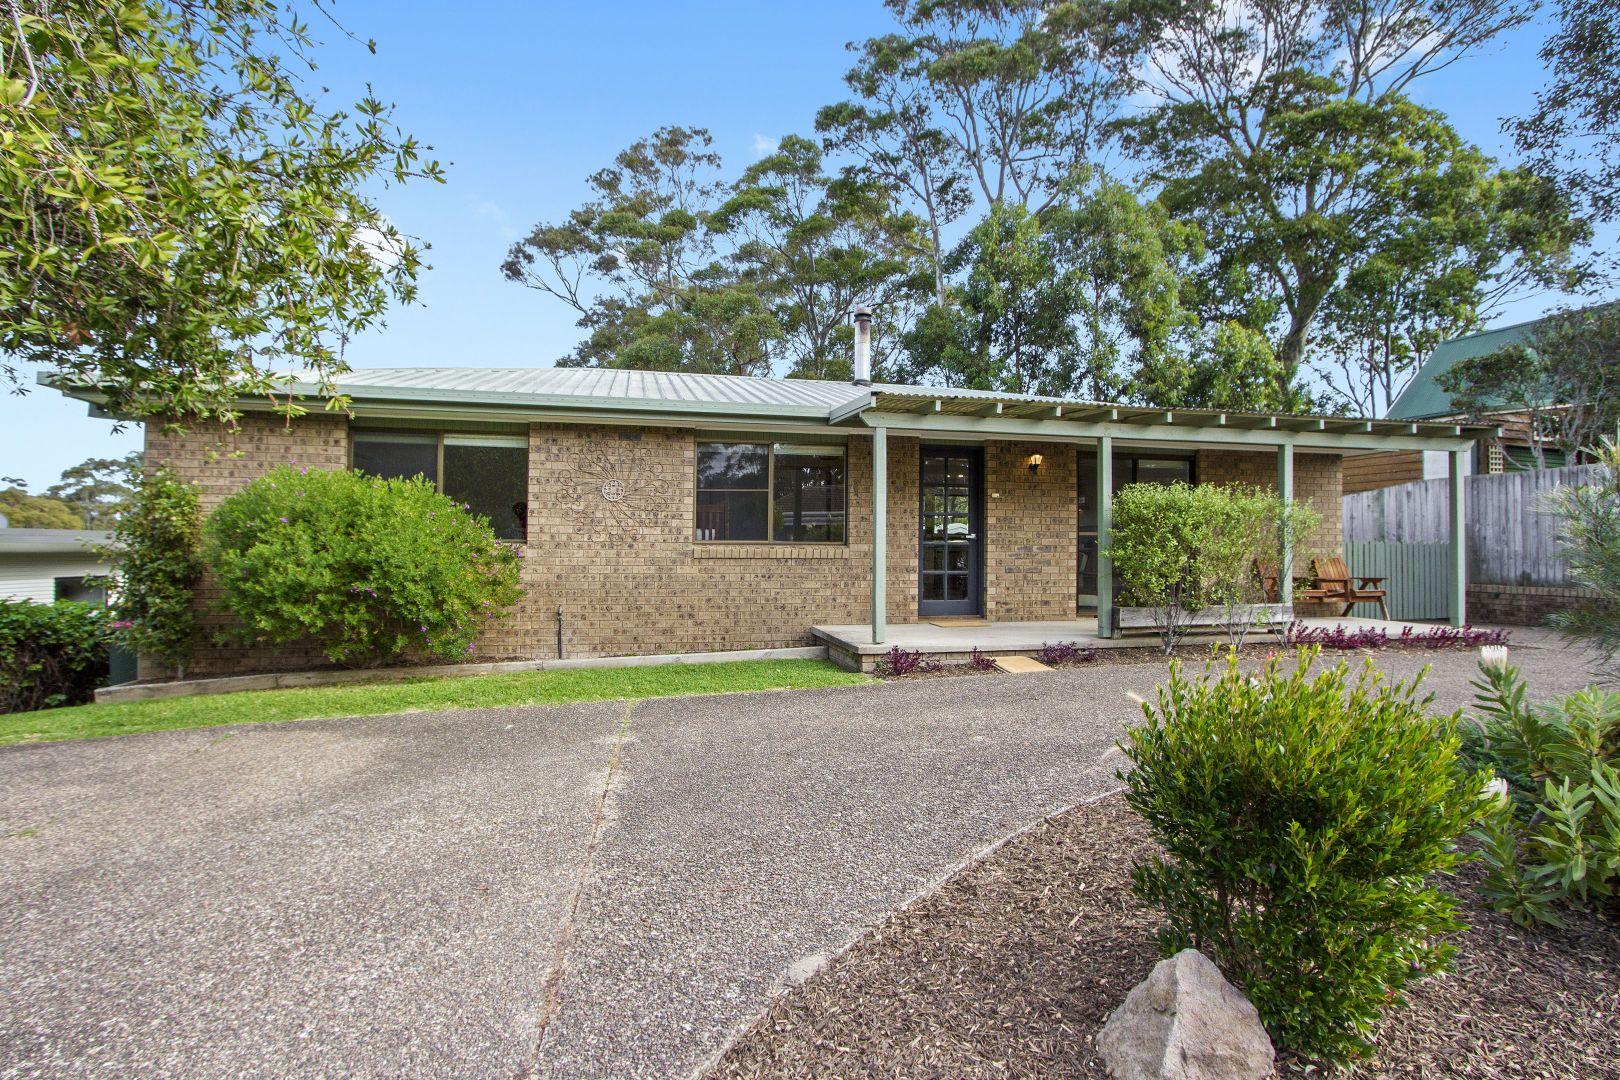 17 Carramar Drive, Lilli Pilli NSW 2536, Image 1